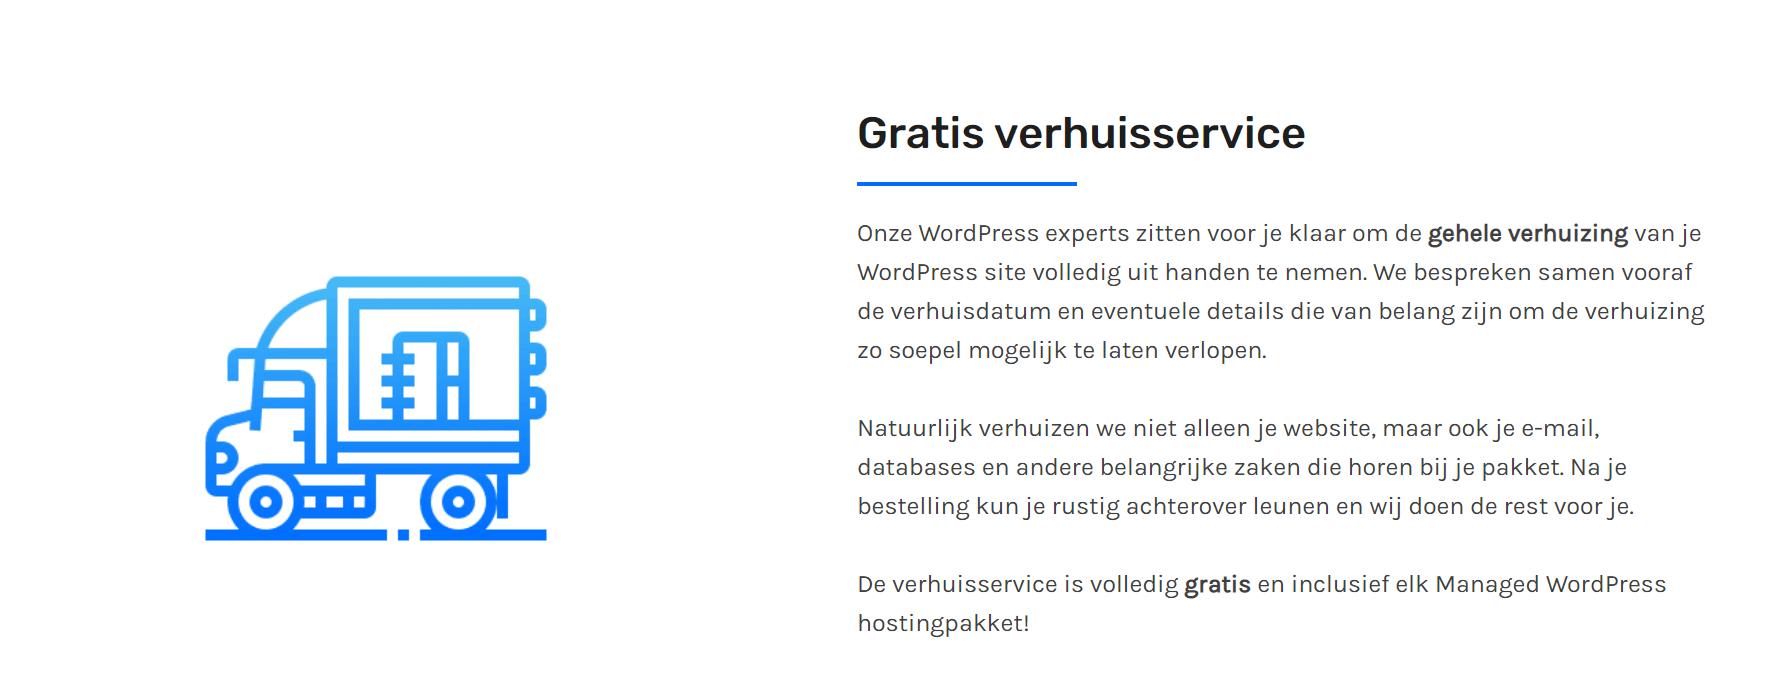 Cloud86-gratis-verhuisservice